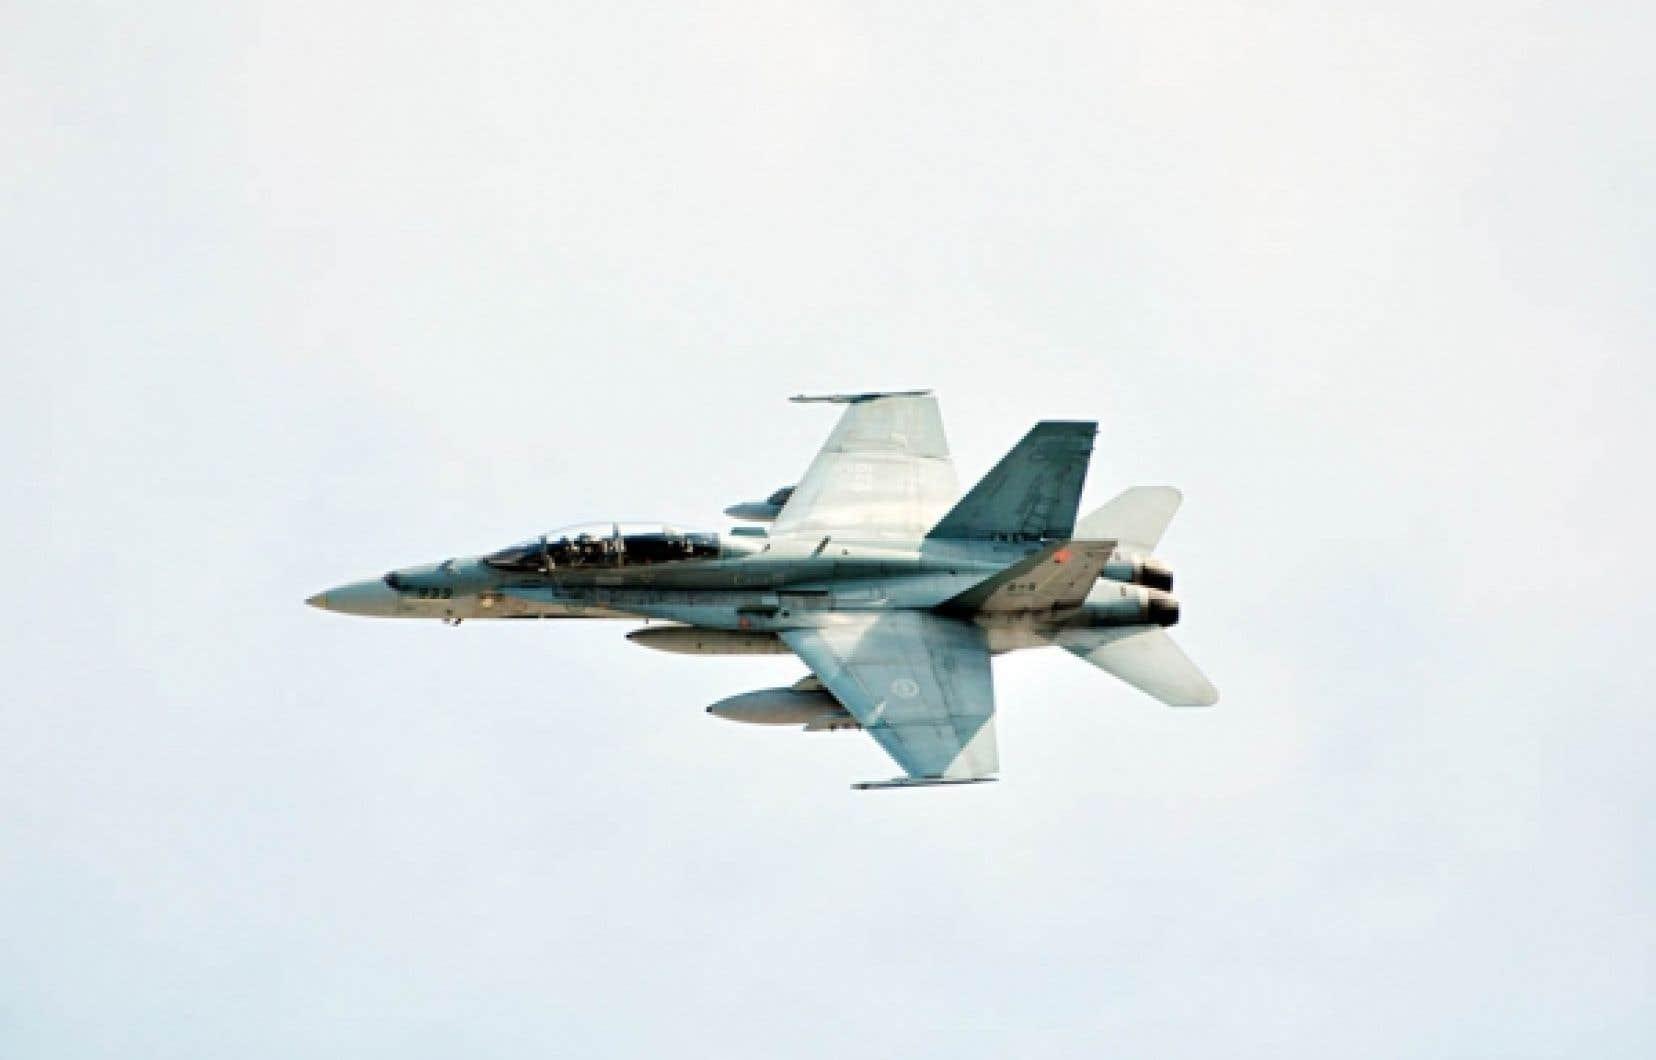 Remplacer la flotte de CF-18 représentera l'une des plus importantes dépenses des Forces armées canadiennes dans les prochaines années